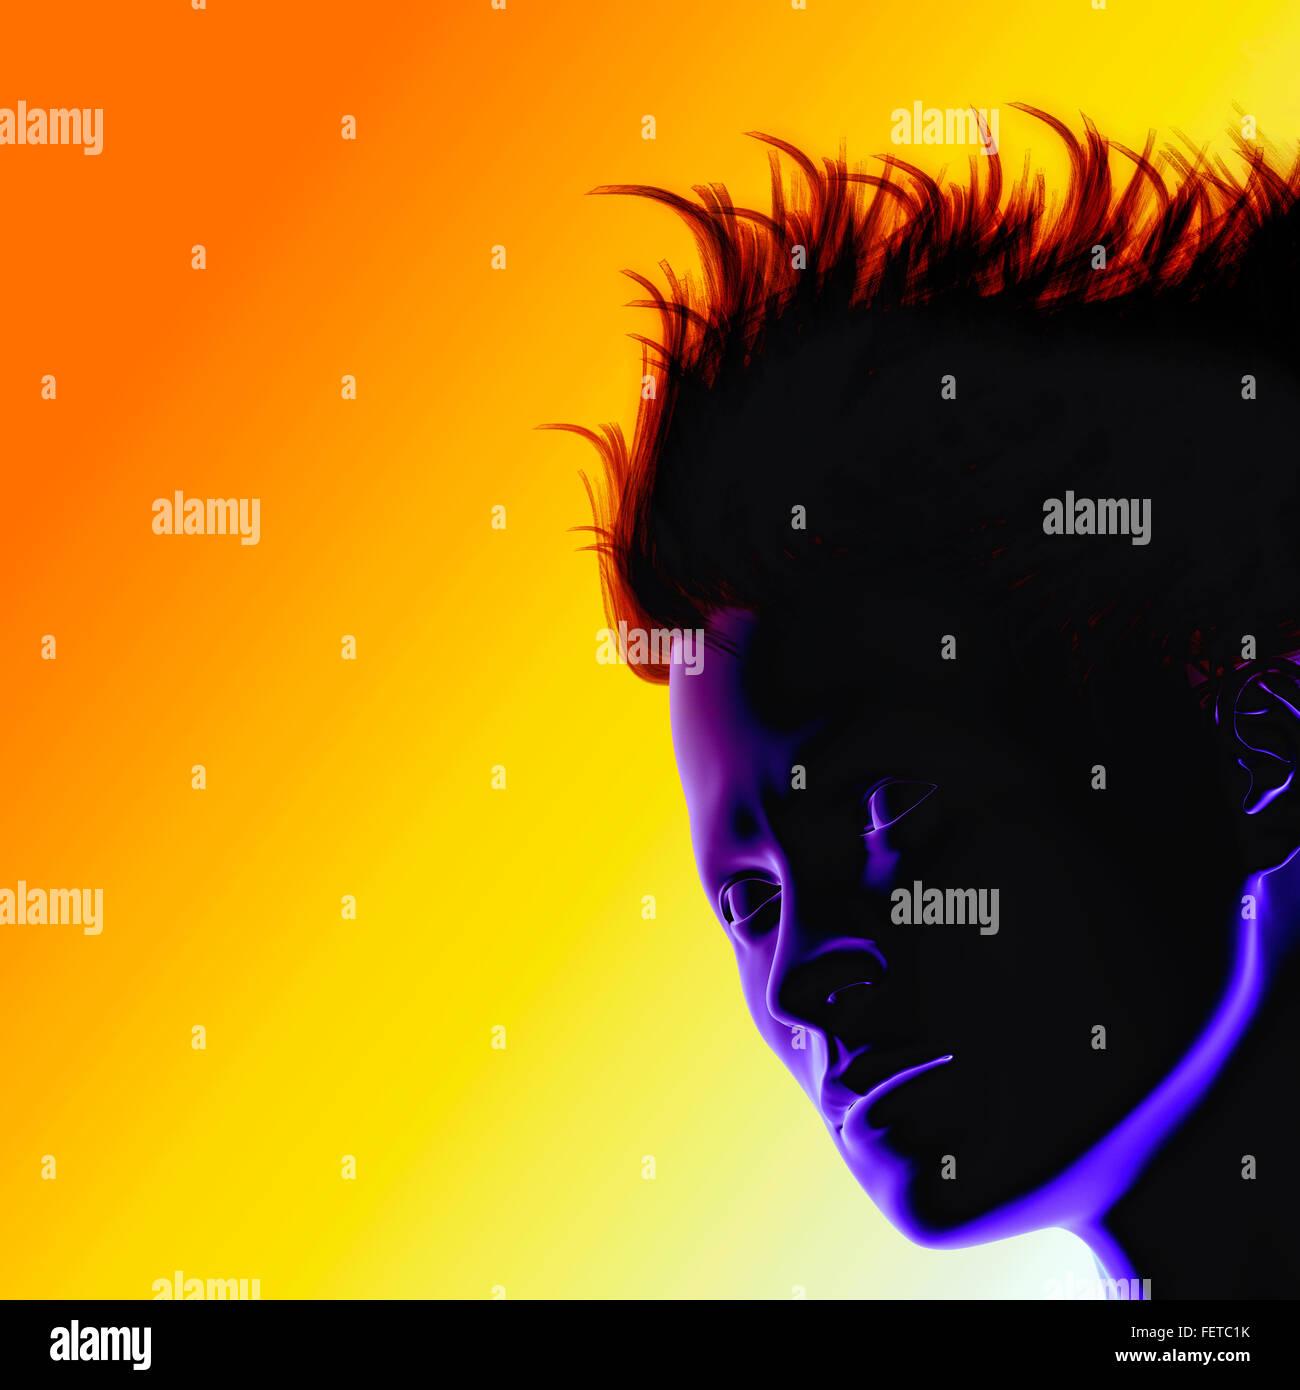 Cabeza humana, coloridos , retro , 80s, pop-art Imagen De Stock